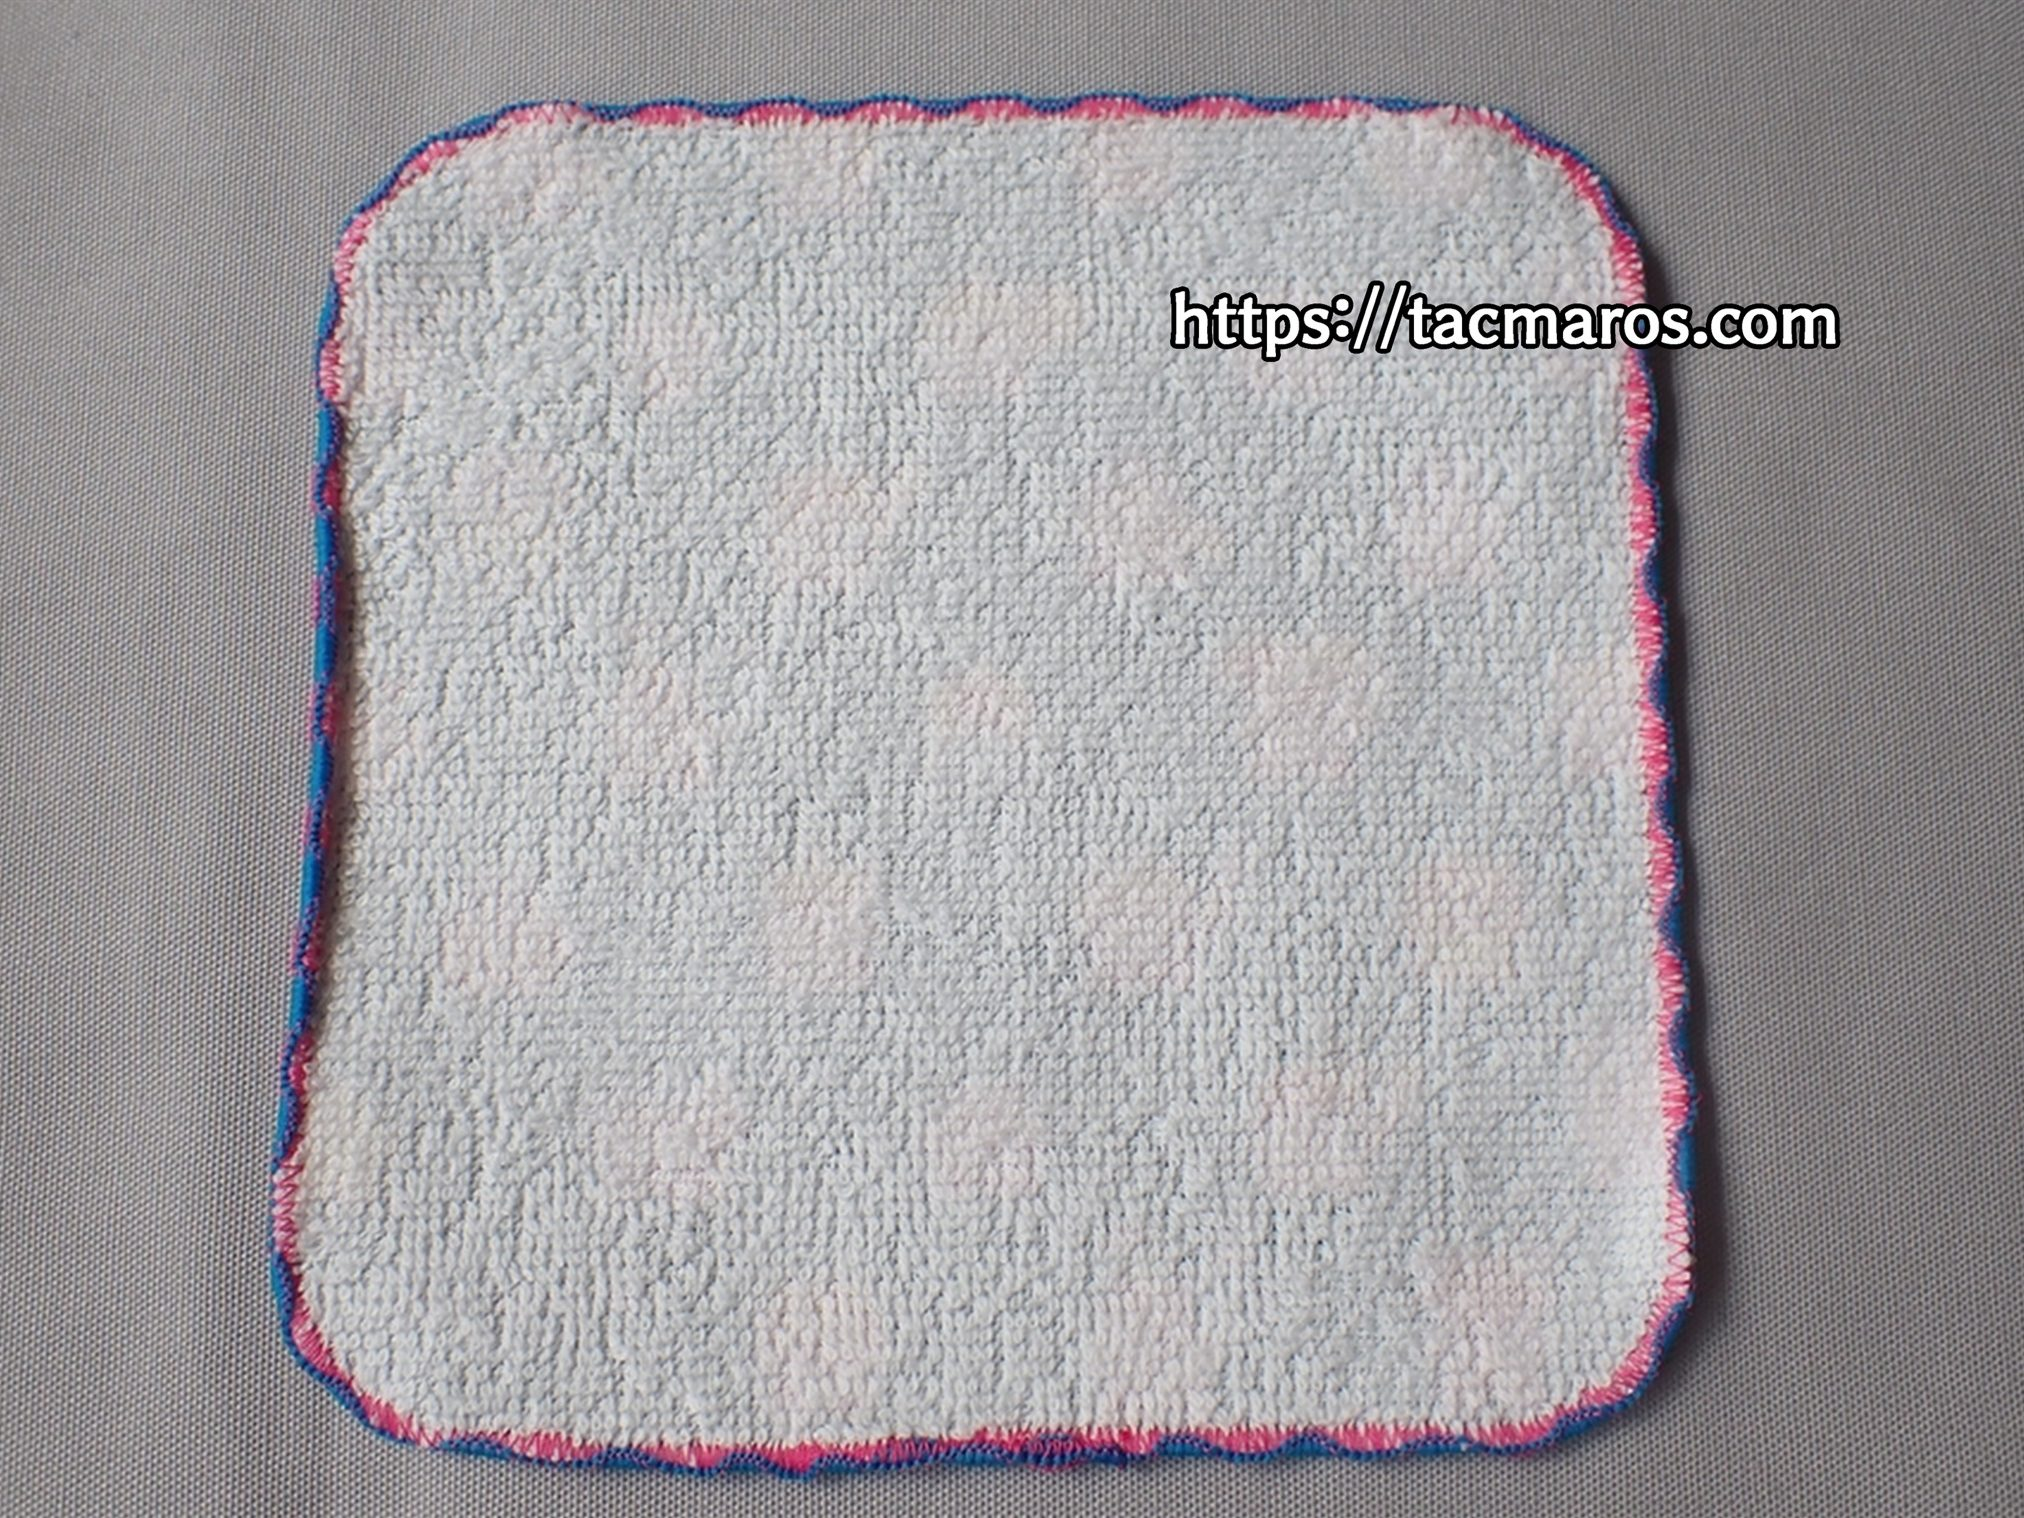 マイニンテンドー MyNintendo プラチナポイント交換グッズ カービィファイターズ2 ミニタオルハンカチ(2種) 裏はパイル素材の生地です